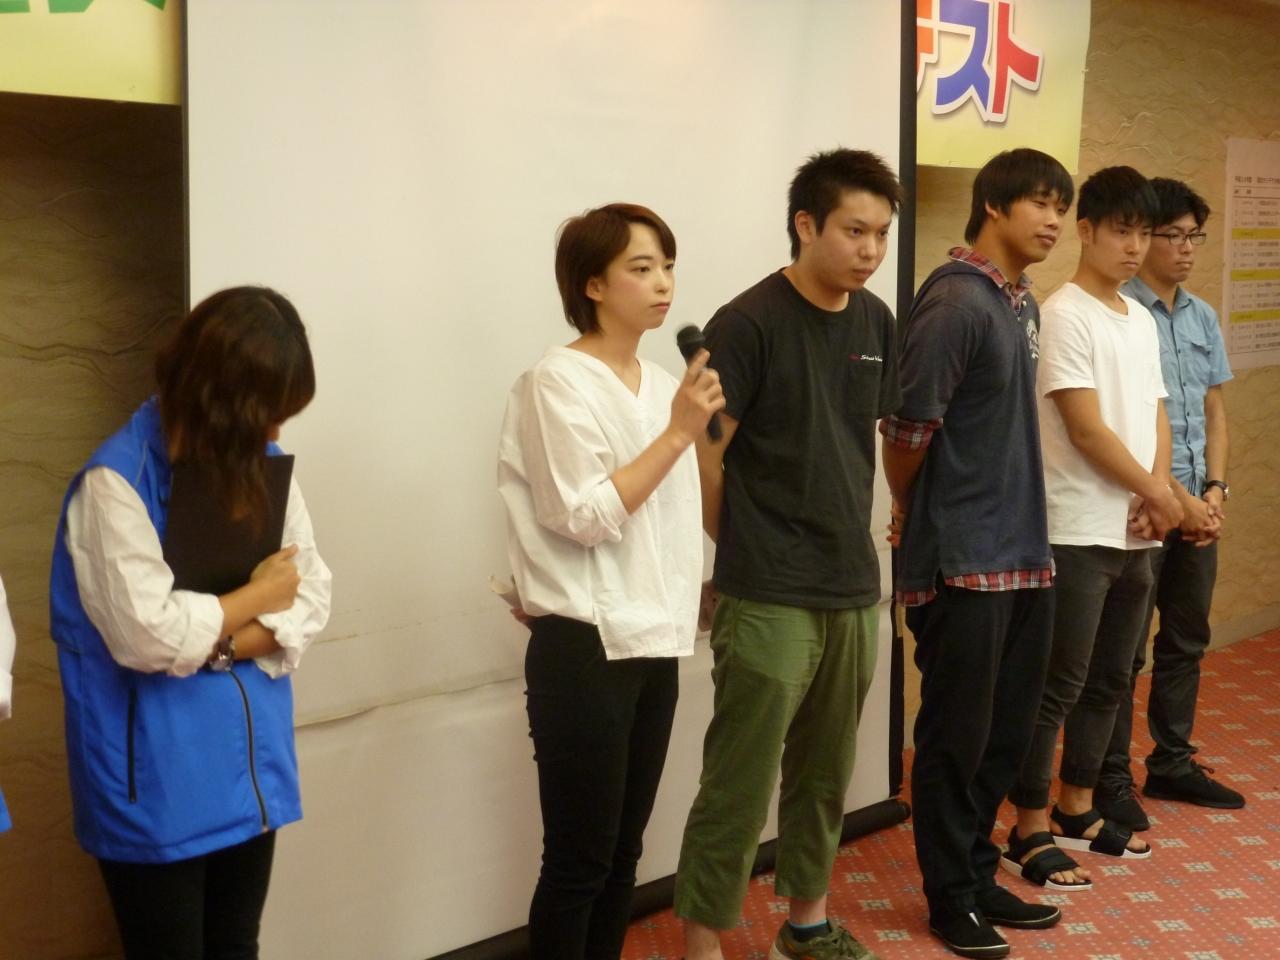 滋賀県立大学など6大学が9月7日に開催される「アイデアコンテスト」に参加 -- 滋賀県内の学生が地域の課題解決に関する事業計画を提案